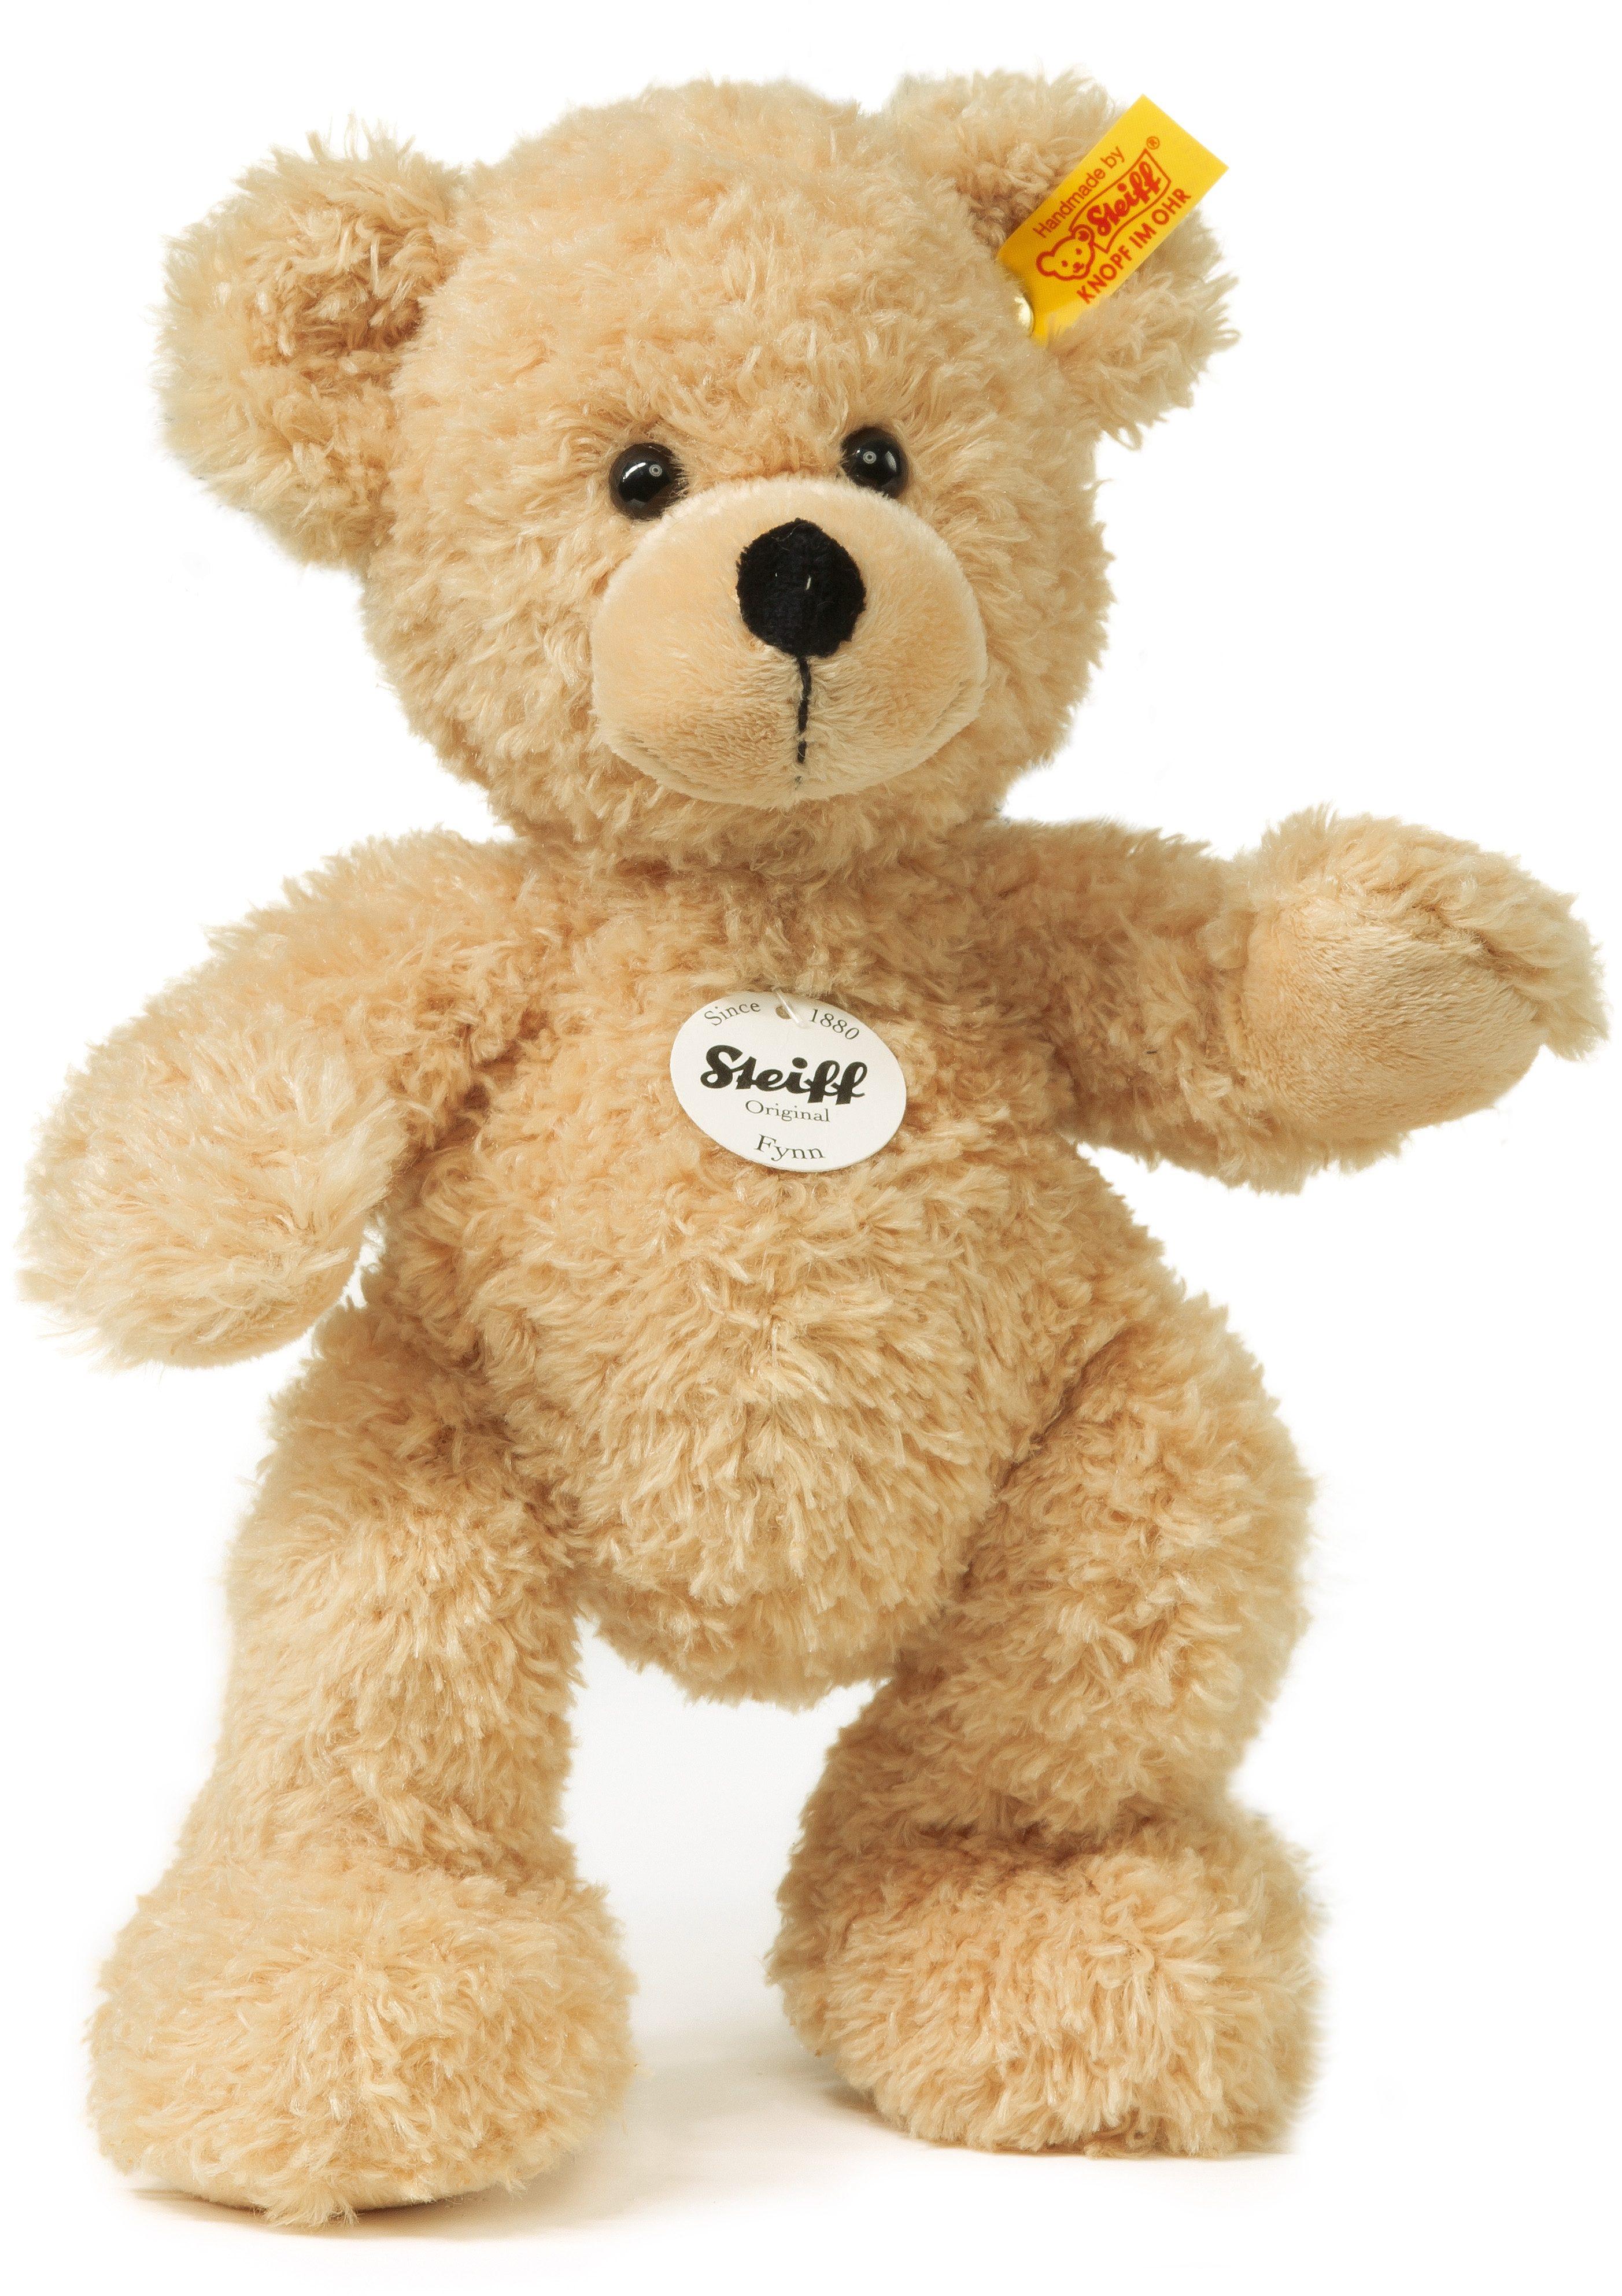 Steiff Plüschtier, 28 cm,  Fynn Teddybär  im Preisvergleich